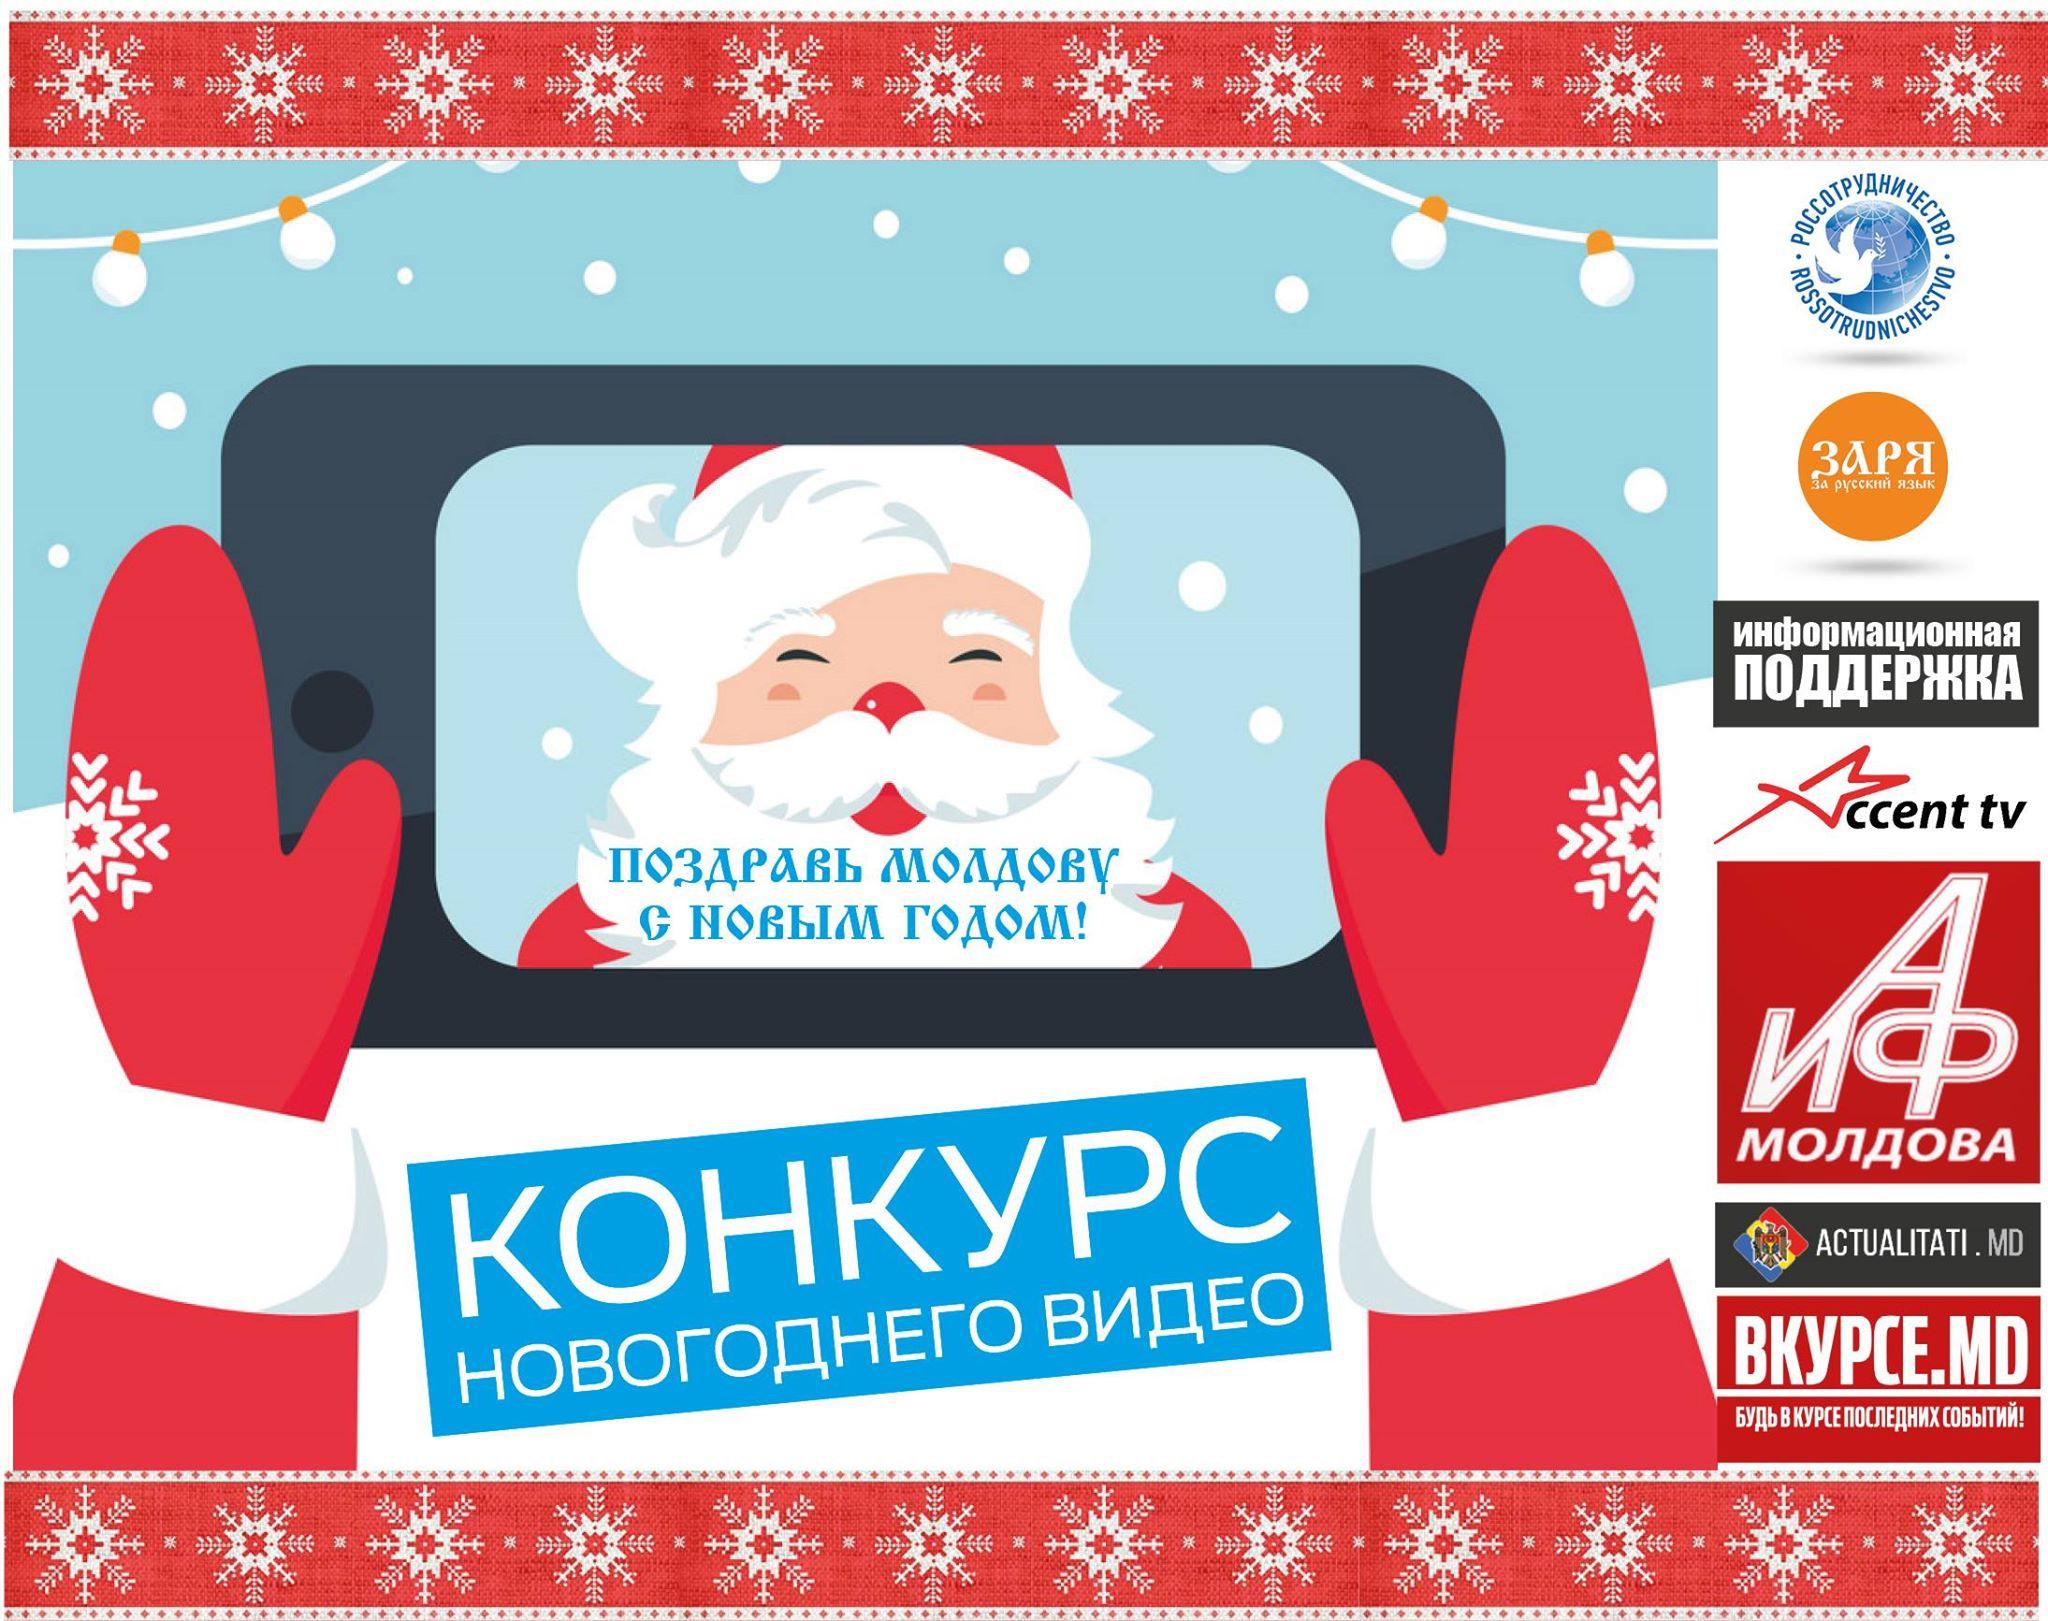 Конкурс новогодних видеопоздравлений: Объявляем победителя!